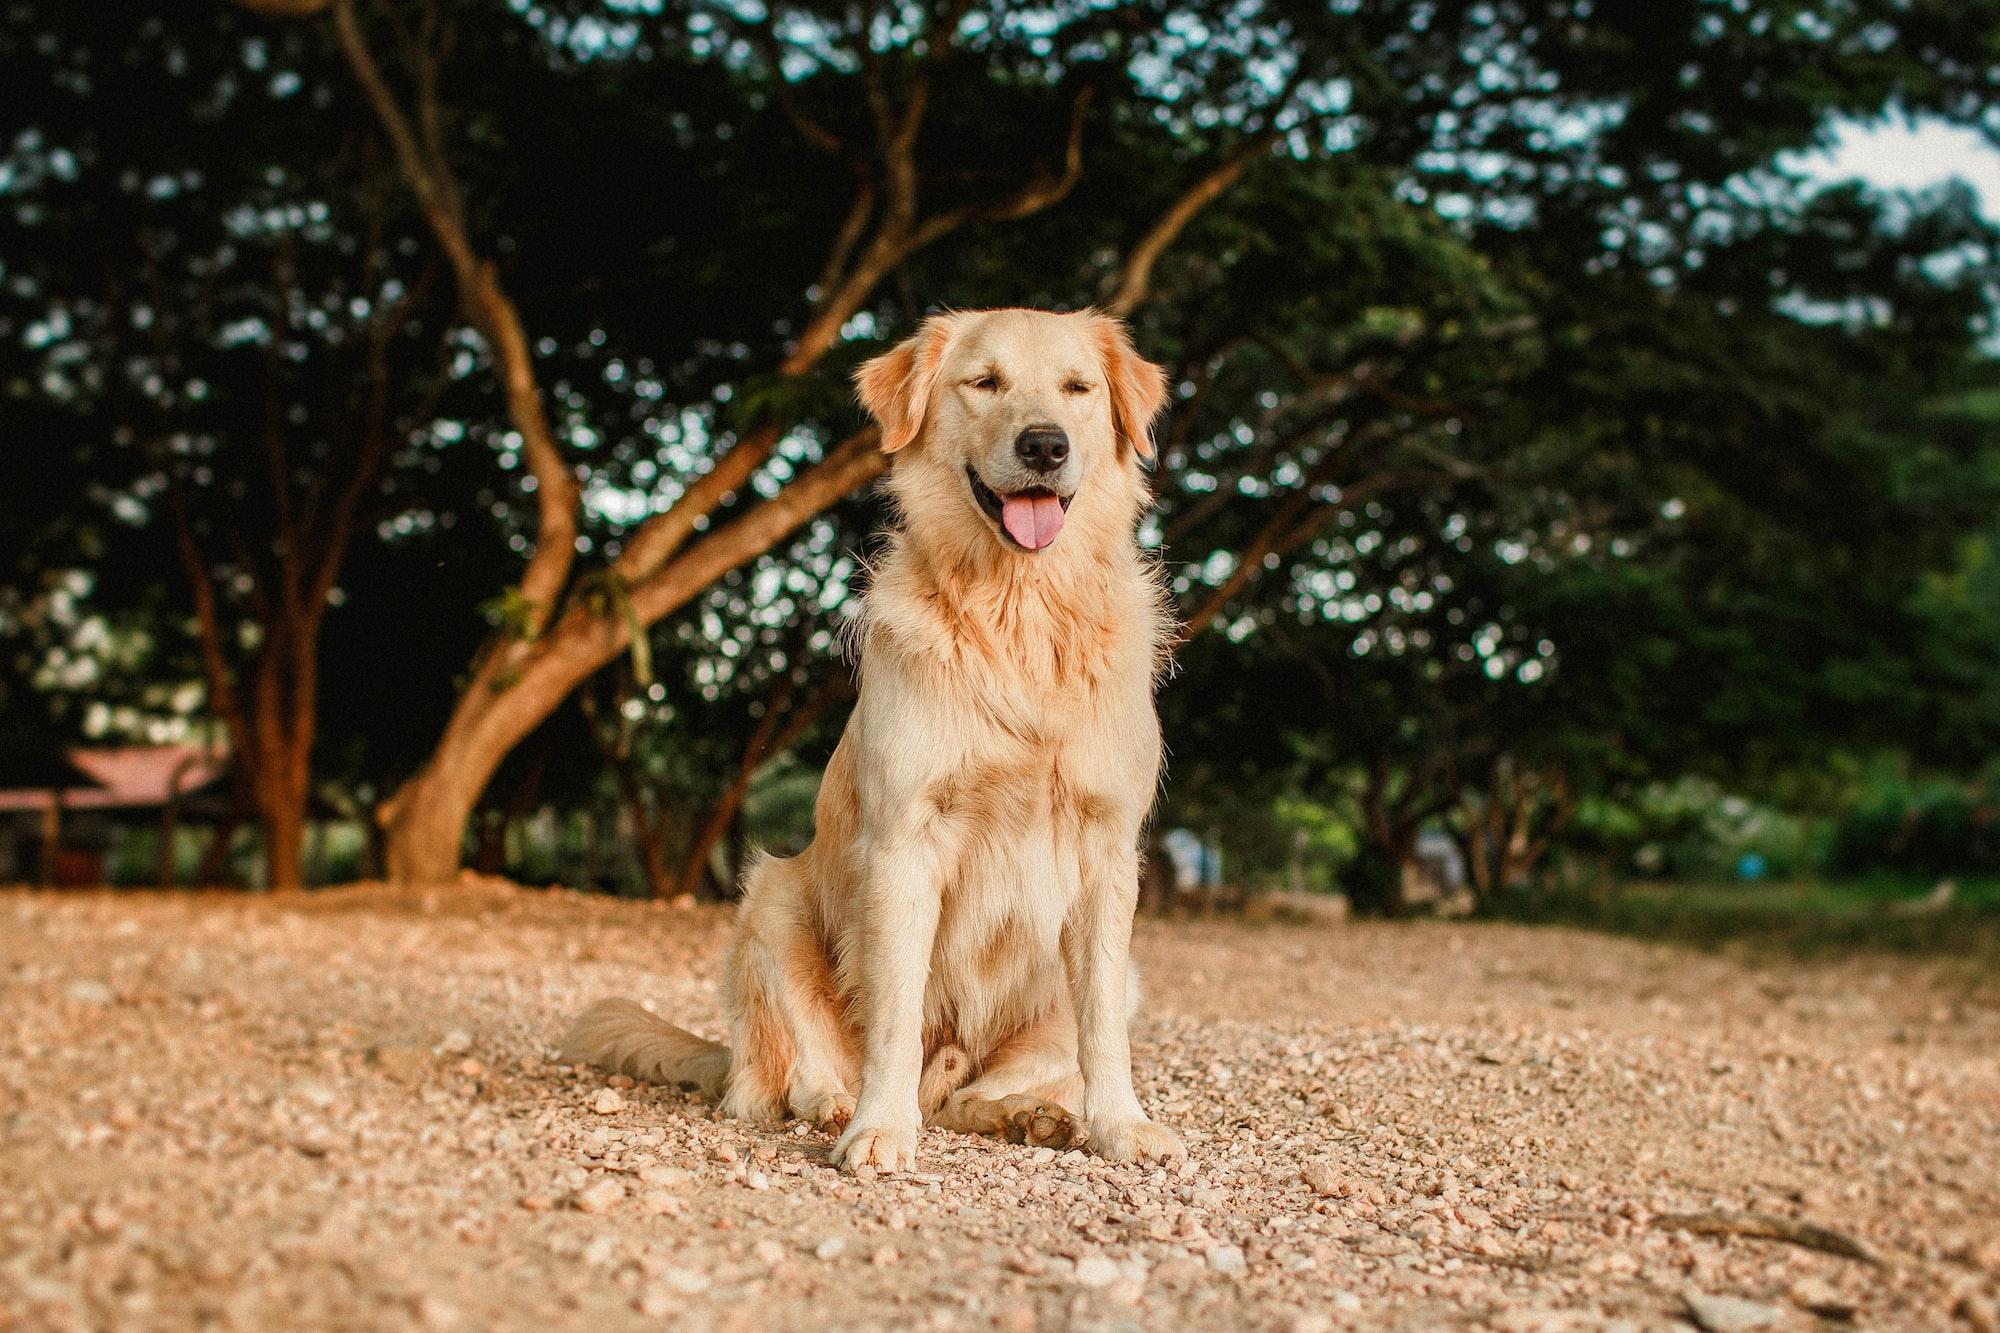 golden retriever, dog at the park